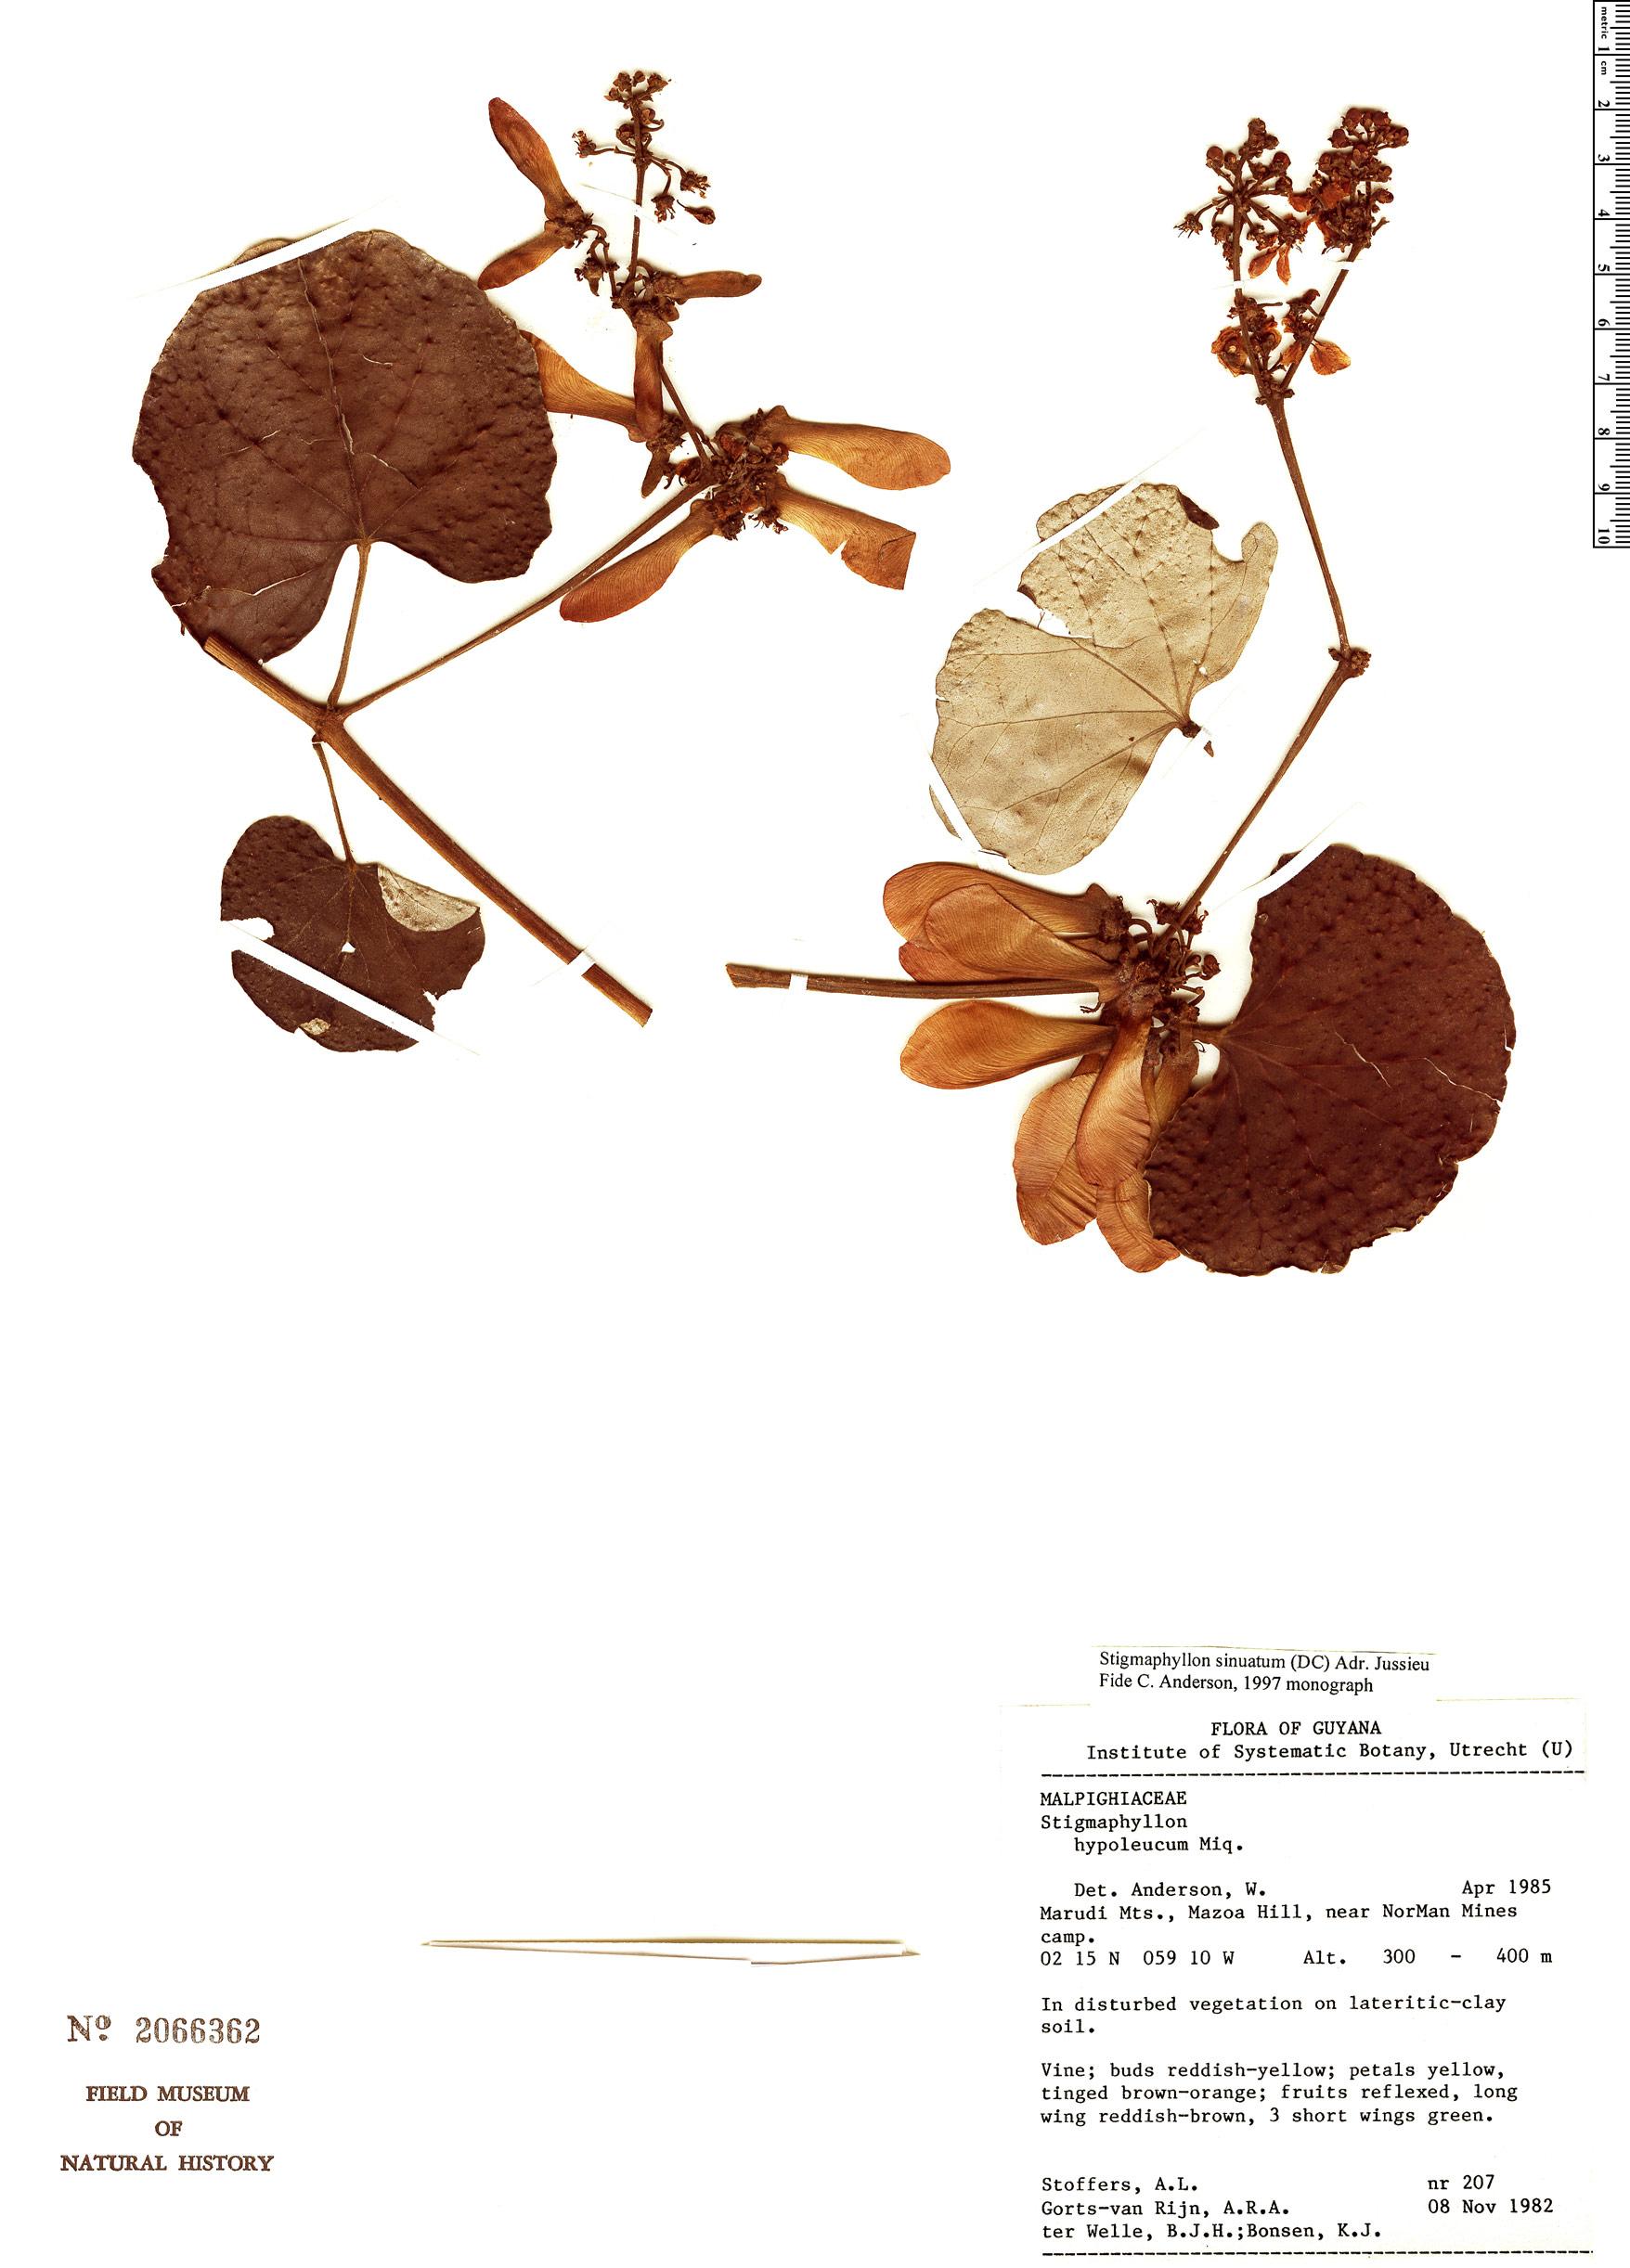 Specimen: Stigmaphyllon sinuatum